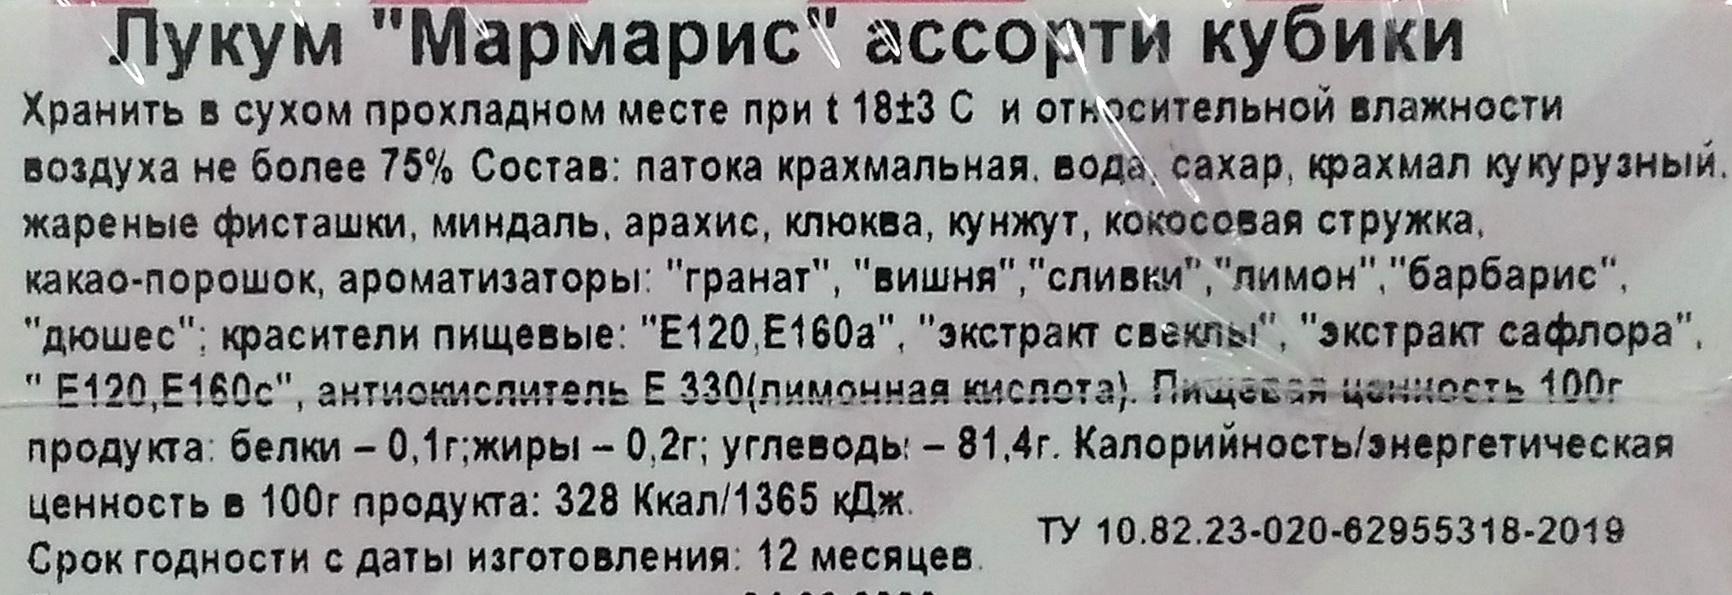 Лукум Мармарис